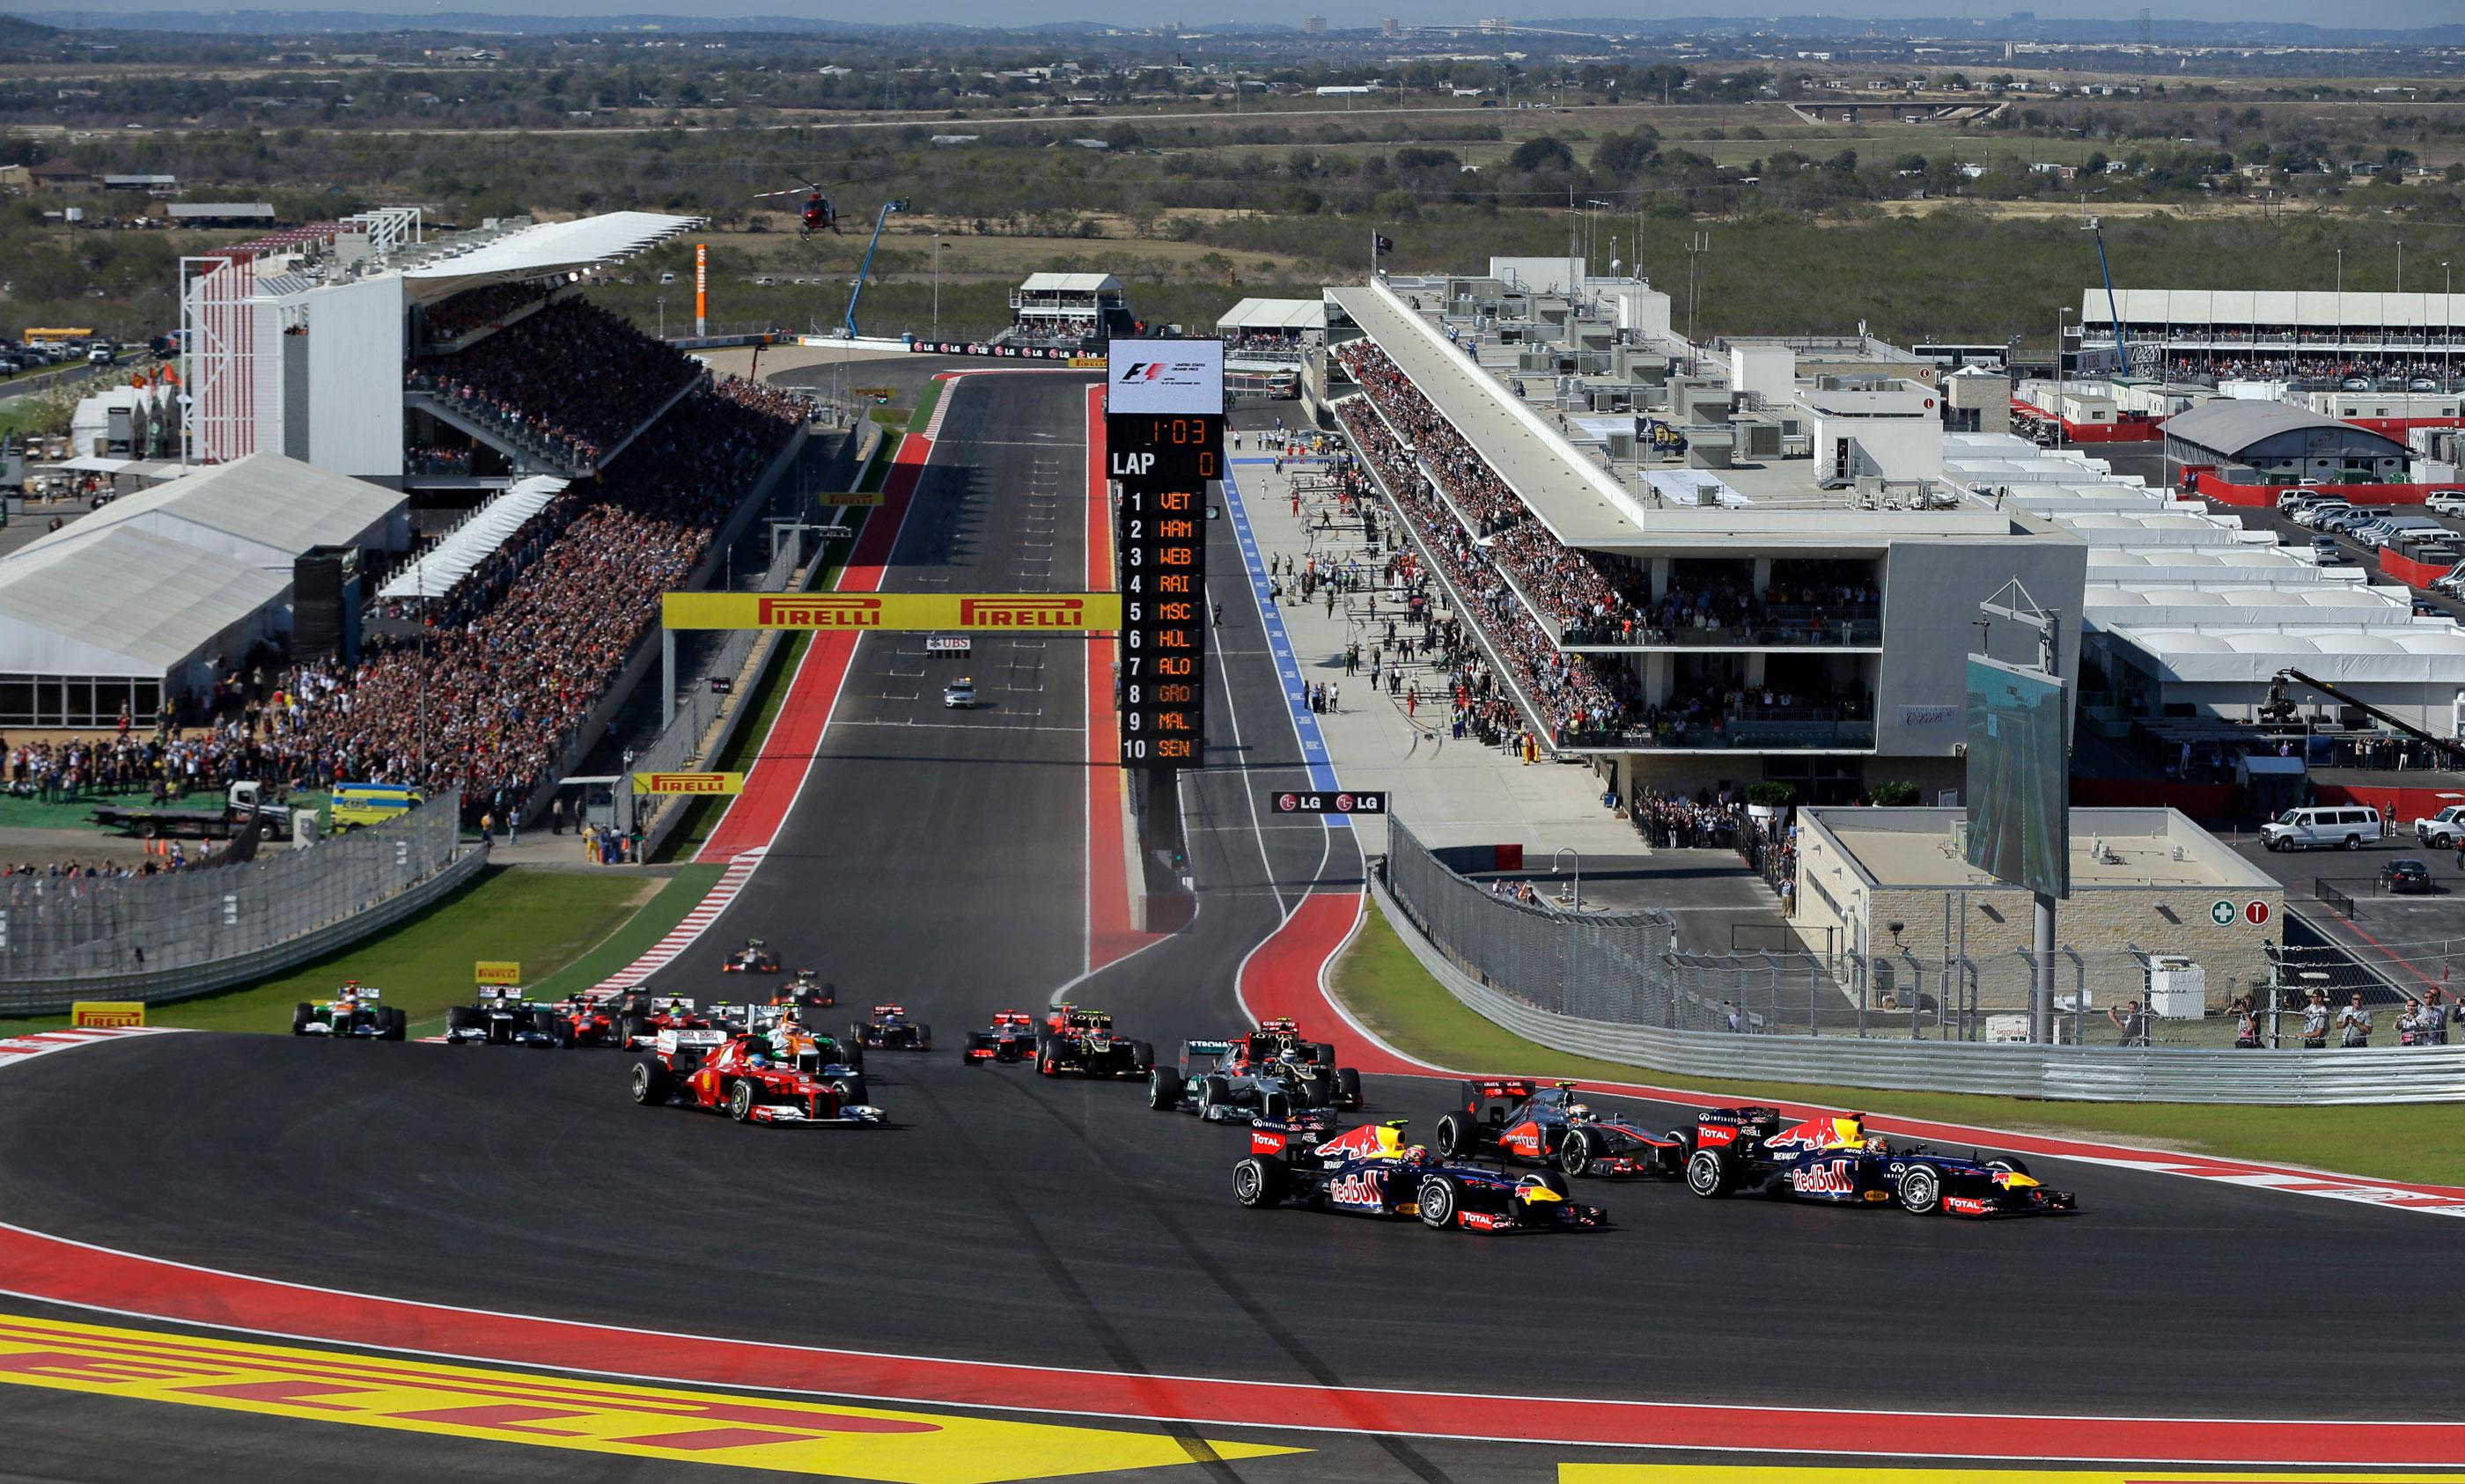 Sebastian Vettel, de l'Allemagne, est en tête du premier virage pour le départ de la course automobile F1 US Grand Prix sur le Circuit of the Americas, à Austin, au Texas, en 2012.